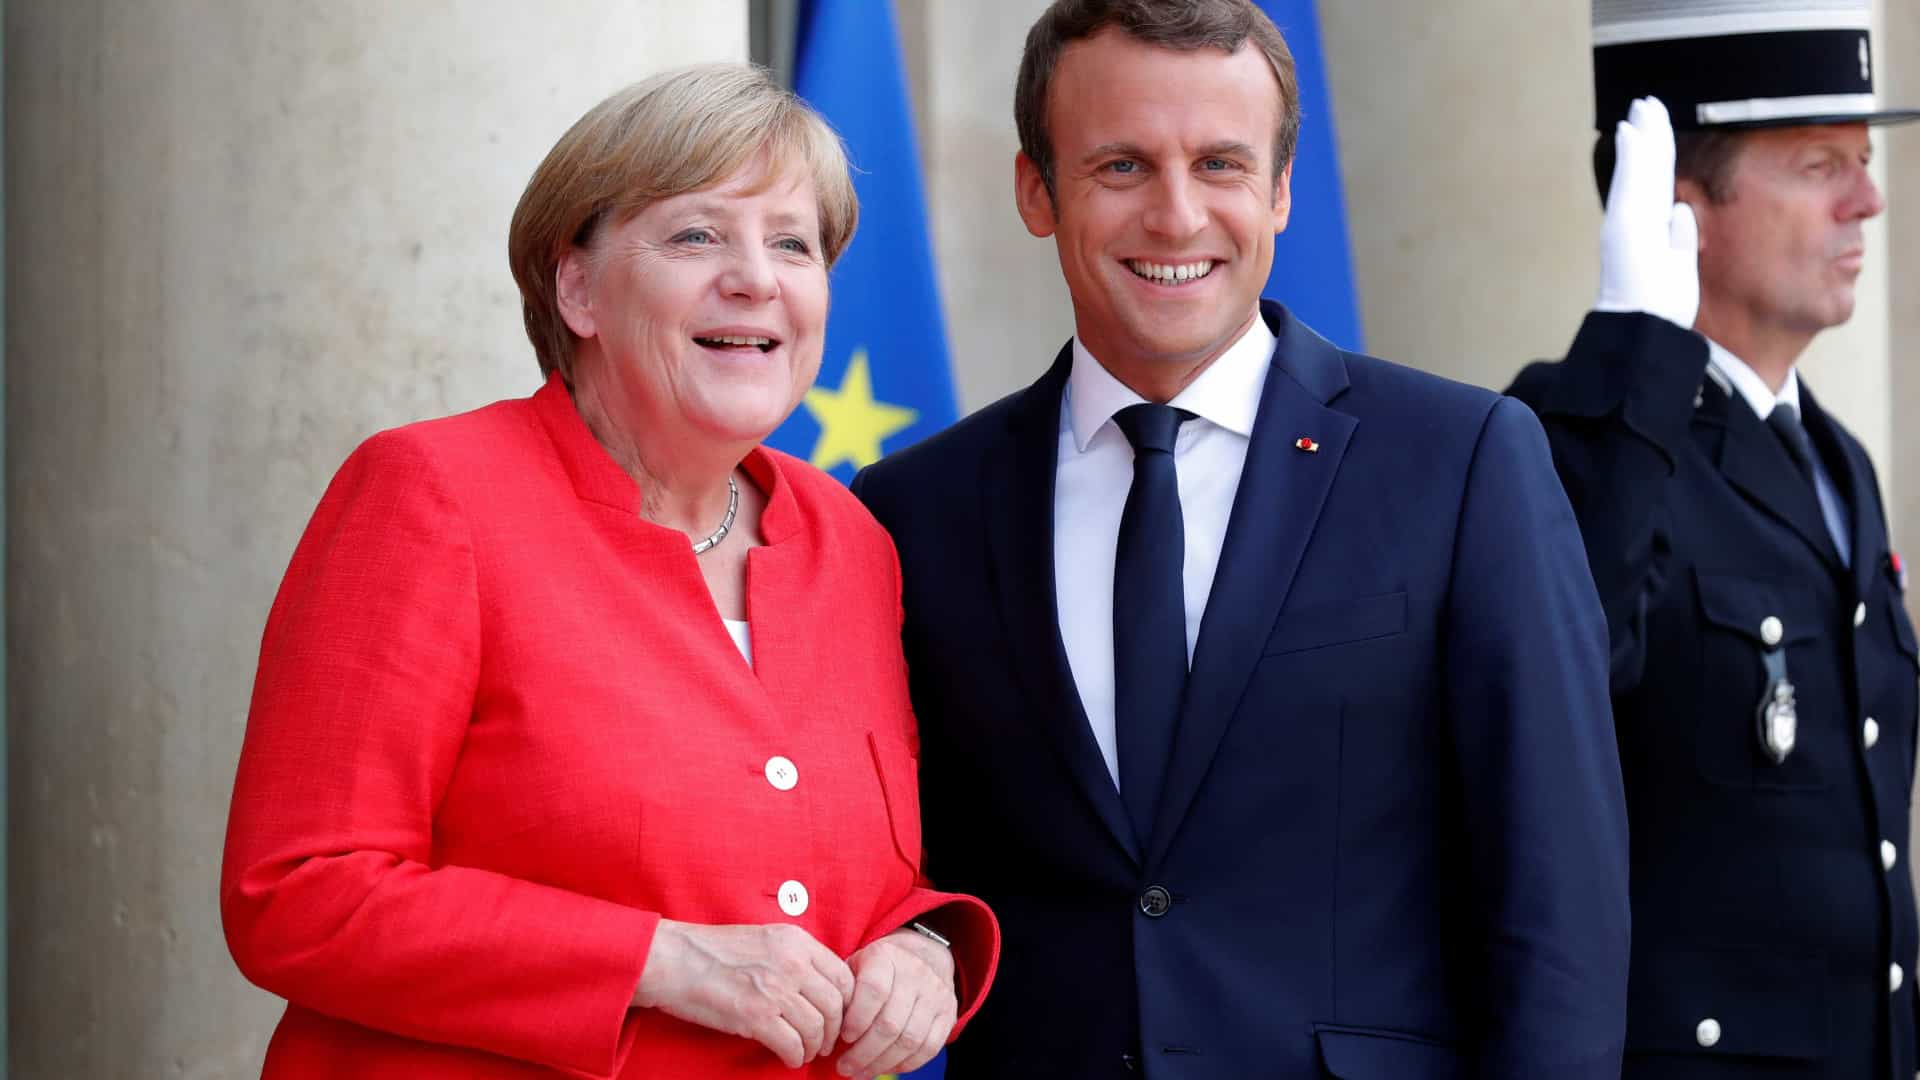 Histórico encontro entre Macron e Merkel no lugar do Armistício de 1918